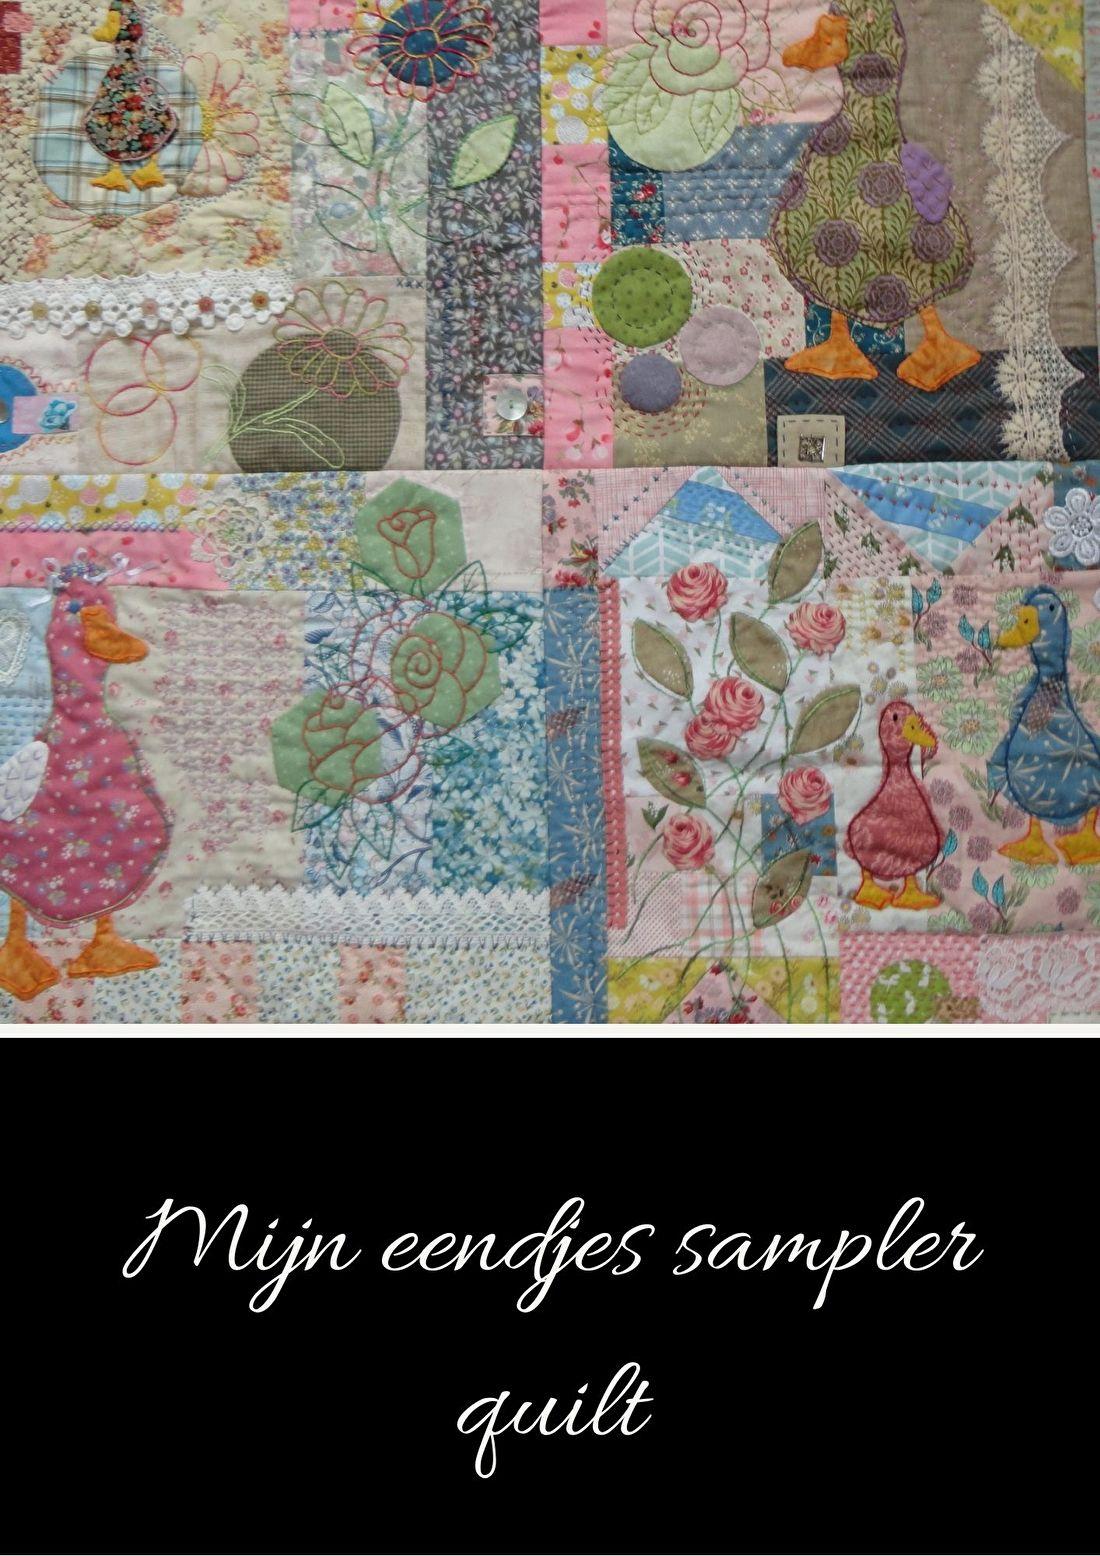 https://www.hobbyshopfugeltsje.nl/a-60268819/mijn-eendjes-stitching-sampler/applicatie-patronen/